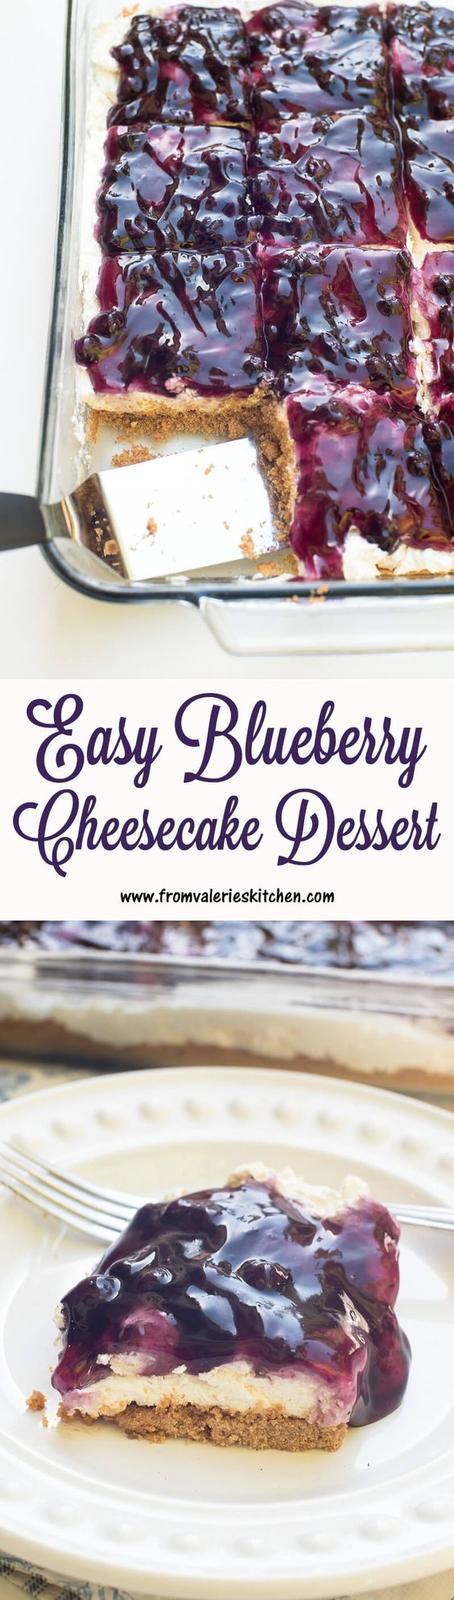 Americké koláčky - Easy Blueberry Cheesecake Dessert